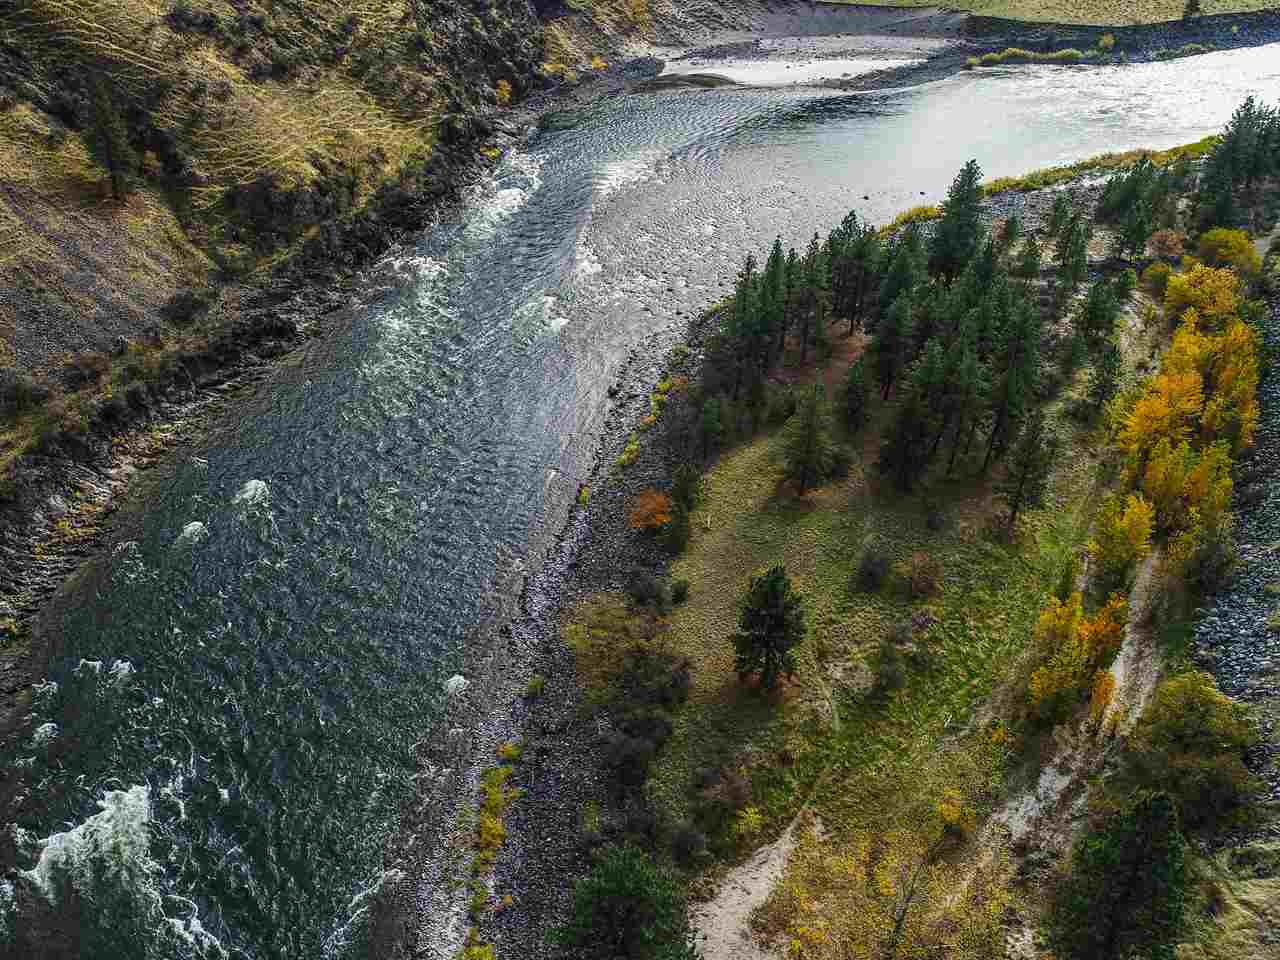 Land for Sale at TBD N Hwy 95 TBD N Hwy 95 Riggins, Idaho 83549